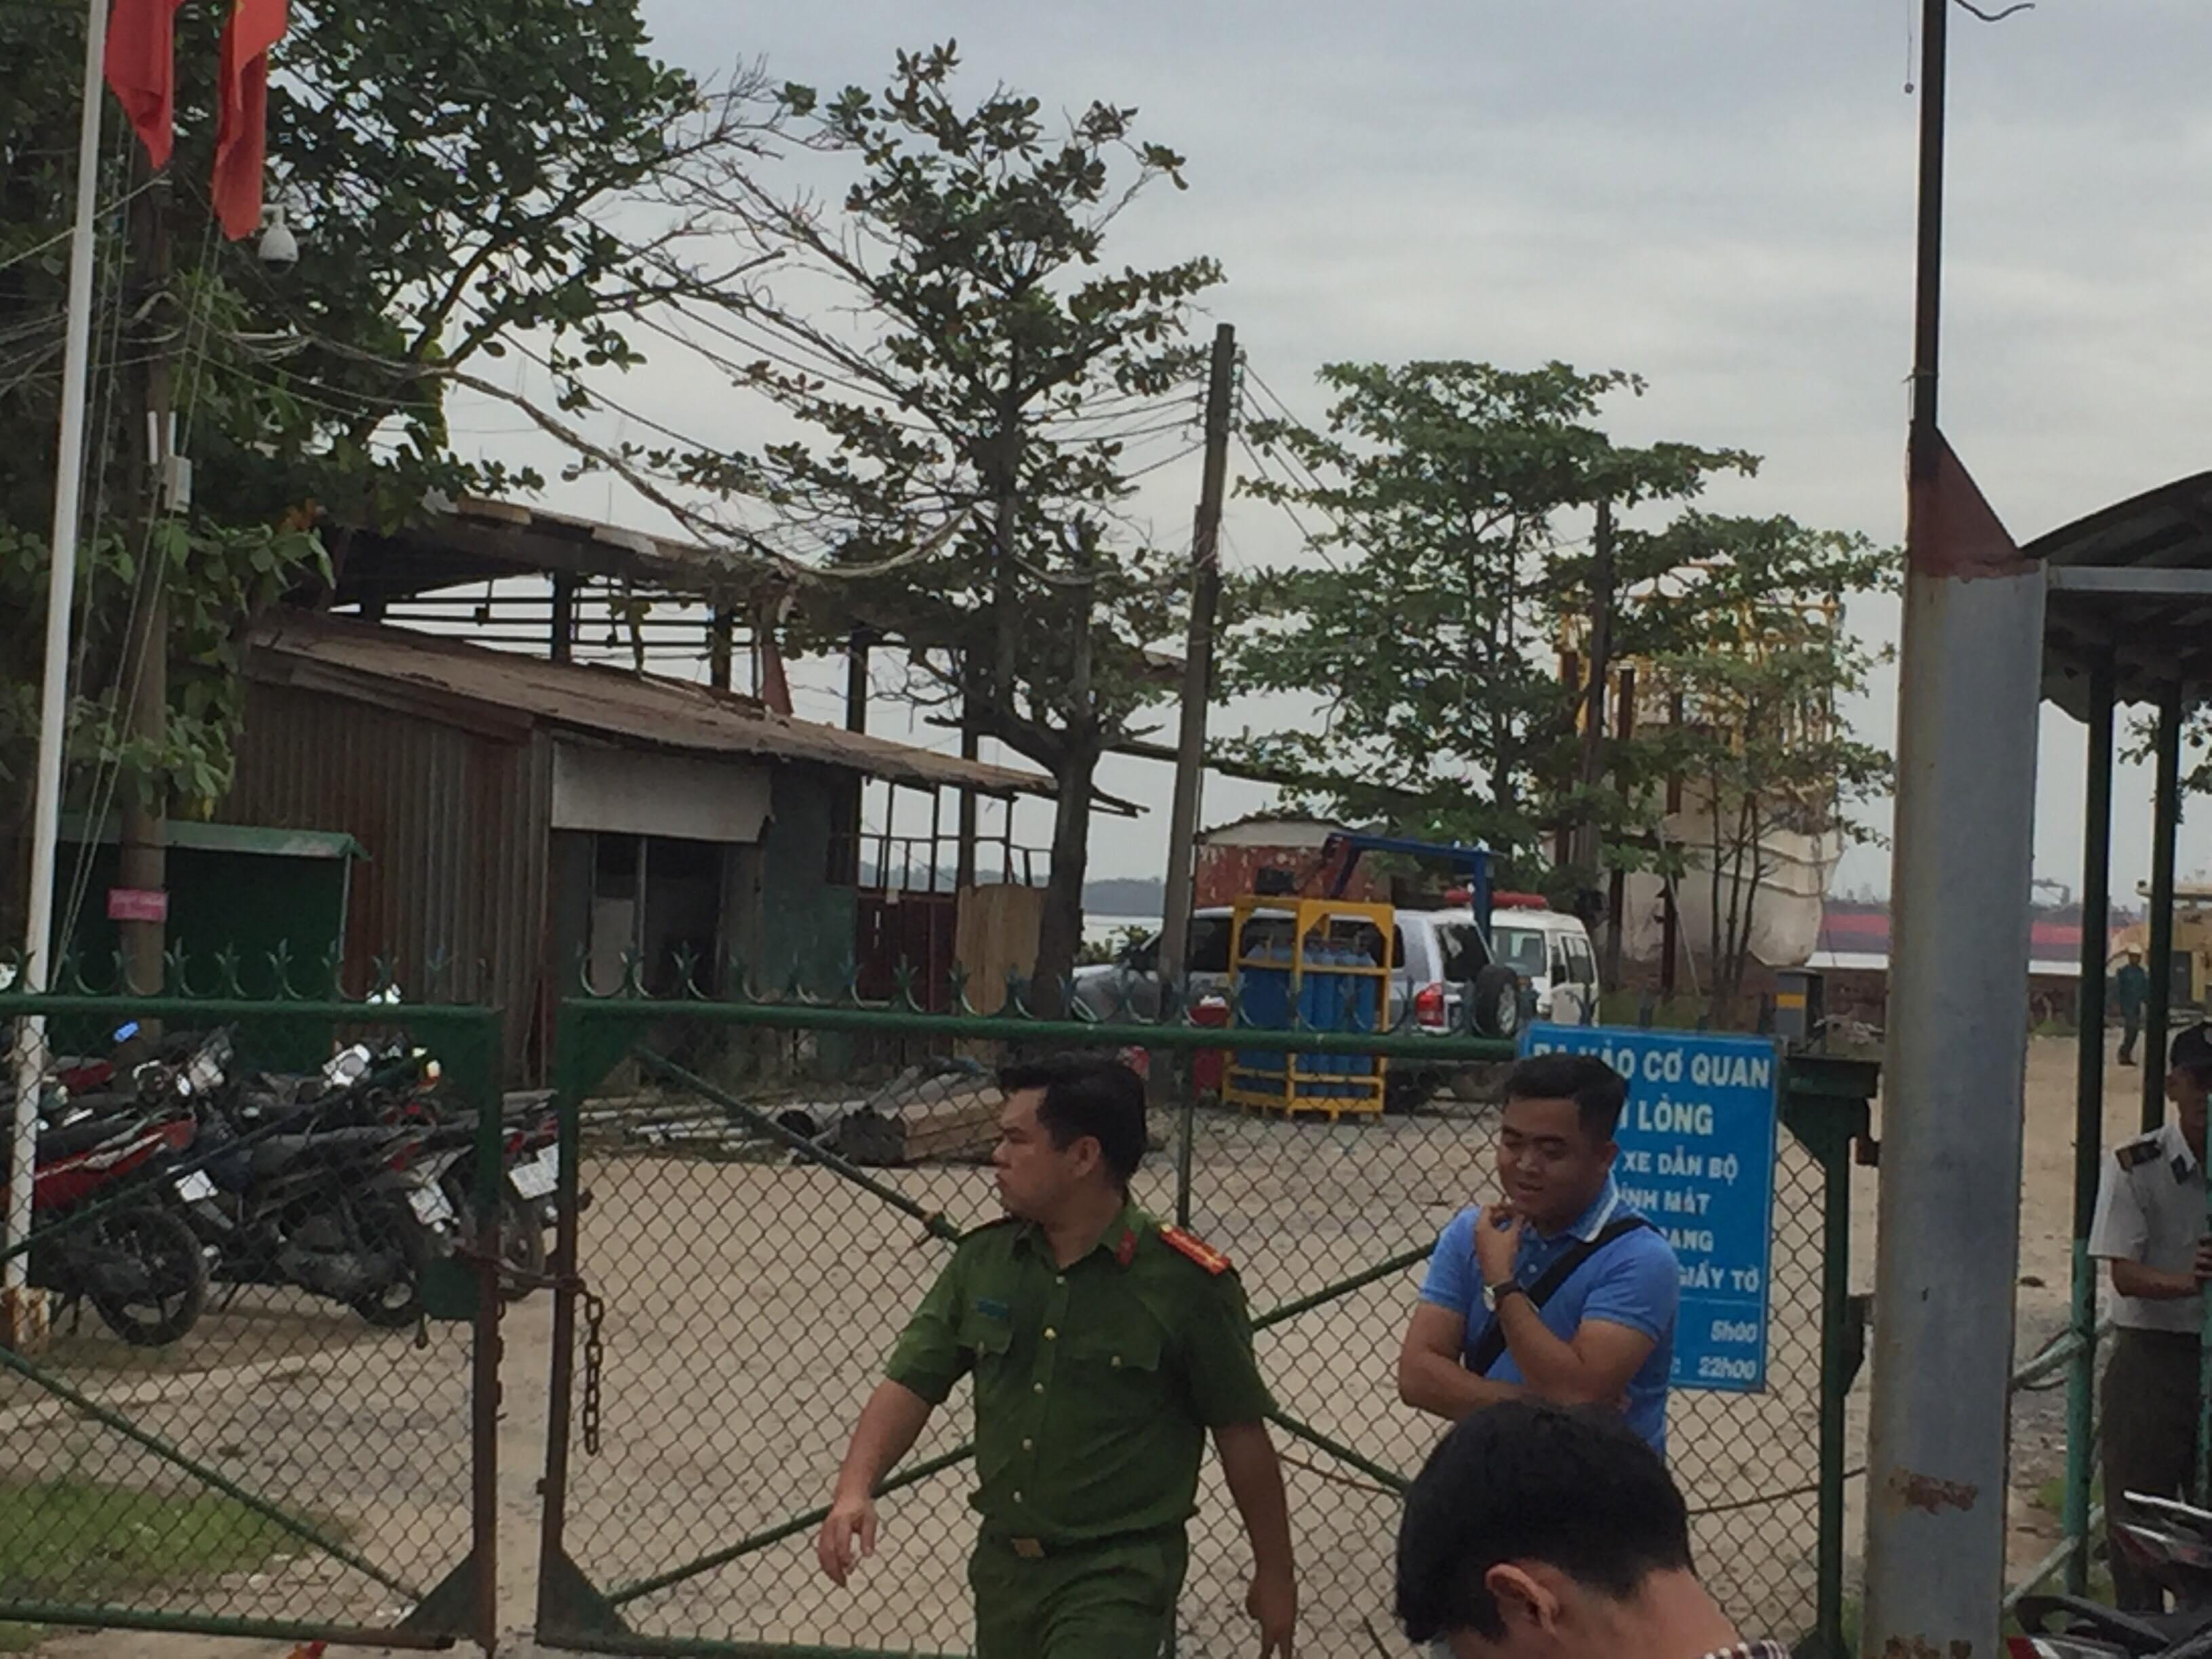 Nổ ở xưởng đóng tàu kinh hoàng ở Sài Gòn, 2 nạn nhân tử vong thi thể không nguyên vẹn - Ảnh 1